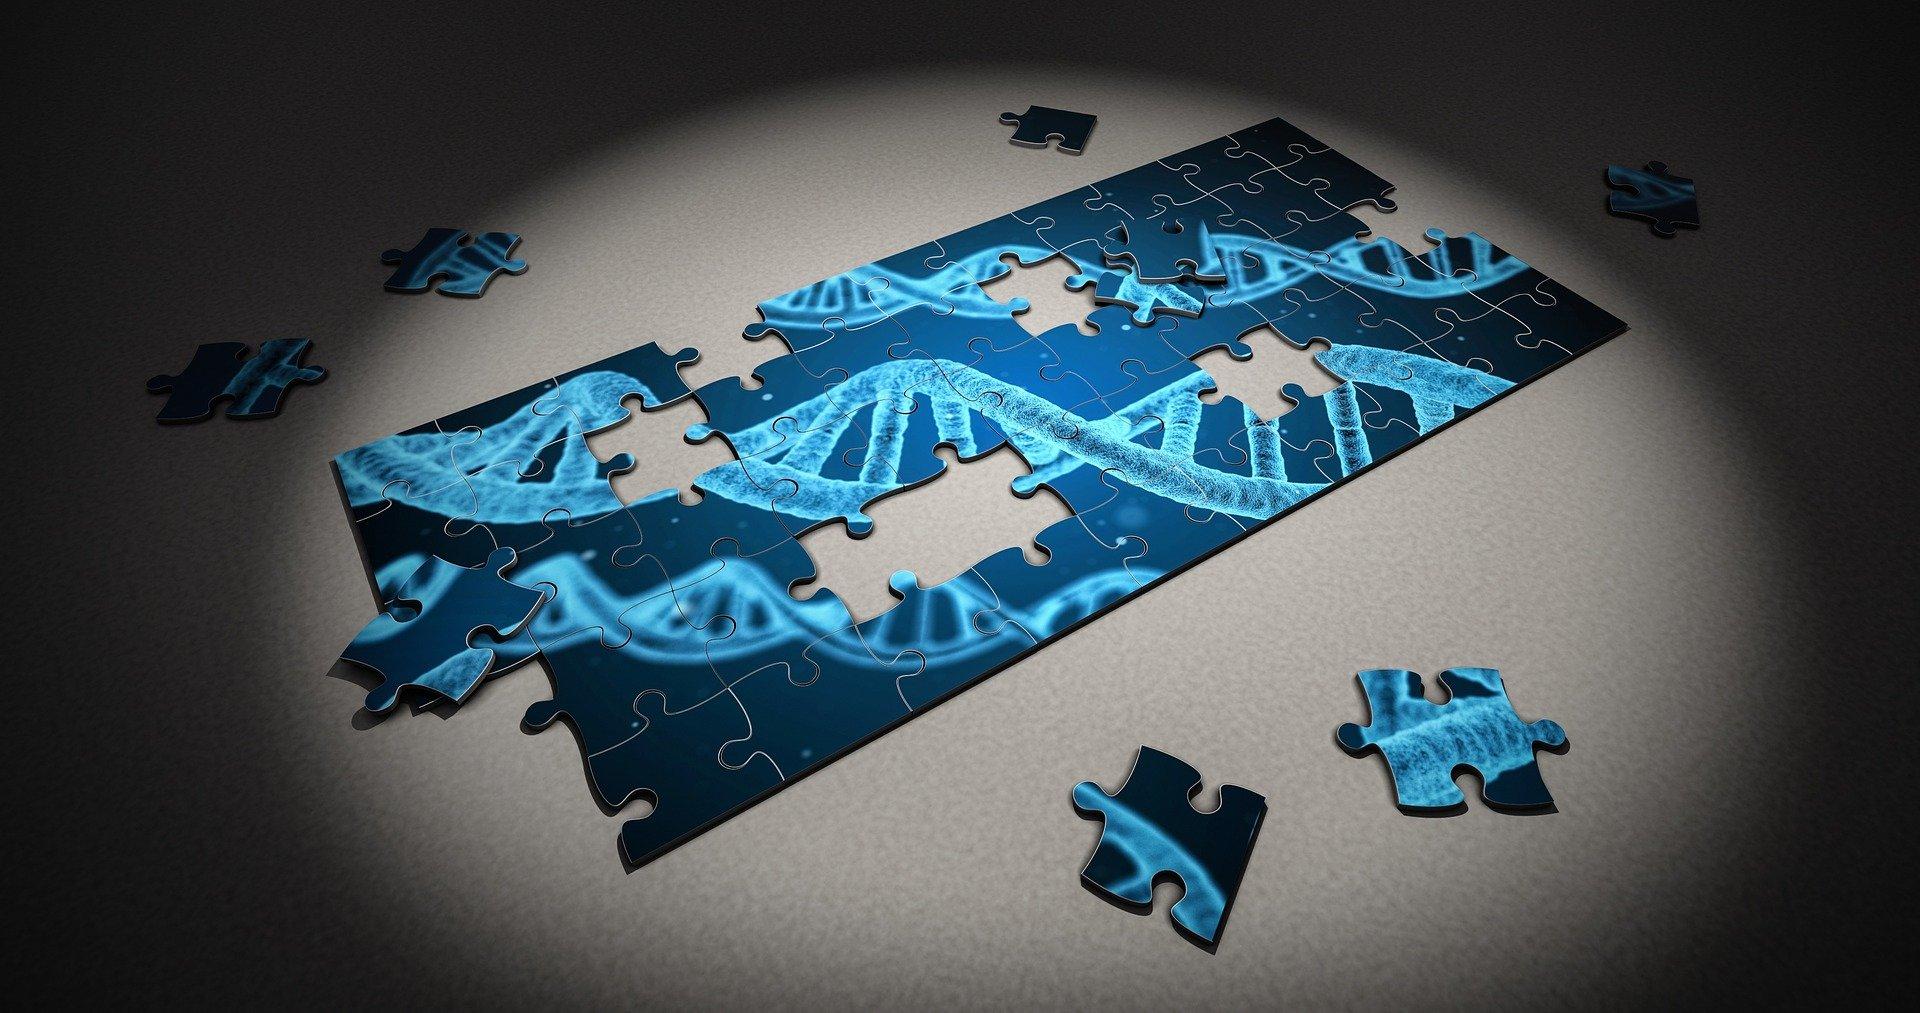 """A biotechnológia iparág közelmúltban mutatott rapszodikussága nyomán igyekeztünk górcső alá helyezni az ágazatra jellemző főbb sajátosságokat. Pár éve még elképzelhetetlennek tűnt, mára azonban valósággá vált a génterápia, valamint az emberi DNS feltérképezése. Az ilyen feladatot végző cégek a biotechnológia iparágába tartoznak. A biotechnológia élőlények segítségével végzett kutatásokat jelent, amelynek segítségével új tulajdonsággal rendelkező sejtek vagy élőlények hozhatók létre; főként molekuláris és sejtbiológiai eszközökön keresztül. Az iparágon belül a génterápia számos érdekes lehetőséggel kecsegtet, de az elérhető siker óriási kockázatot rejt magában. 2017. augusztus 30-án az USA Élelmiszerbiztonsági és Gyógyszerészeti Hivatala (FDA) engedélyezte a Novartis és a Pennsylvaniai Egyetem fejlesztését, amely során génterápiával nagy eséllyel gyógyítani tudják a fiatalkori leukémia egyik fajtáját. Az FDA maga is történelmi jelentőségűnek nevezte a sejtterápiás eljárást. A fenti döntés előtt két nappal a Gilead Sciences 11,9 milliárd dollártért megvette az amerikai Kite Pharmát, amely hasonló eljáráson dolgozik, azzal a különbséggel, hogy az már nem csak fiataloknak, hanem felnőtteknek is elhozza a gyógyulás lehetőségét. Ezzel pedig elindult a nagy cégek által a génterápiával foglalkozó kutatócégek - mondhatni start-upok – felvásárlásának hosszú sora: a Juno Therapeutcs-et felvásárolta a Celgene, amit aztán a Bristol-Myers; a Novatis a Vedere-t és az AveXis-t; a Sanofi a Kiadis-t, a Roche a Spark Technologies-t. A sor végeláthatatlan. A génterápia utóbbi években történő előretörését az is segítette, hogy a génállomány feltérképezése az évek során egyre olcsóbbá vált. 20 év alatt 100 millió dollárról ezer dollár közelébe csökkent az eljárás ára. Ellenben egy rendkívül bonyolult tudományról van szó, elég csak az """"öröklés-környezet vitára"""" gondolni. Azaz még ma sincs egyértelmű álláspont arról, hogy az ember tulajdonságai, hajlamai (például betegségre) genetikai tény"""